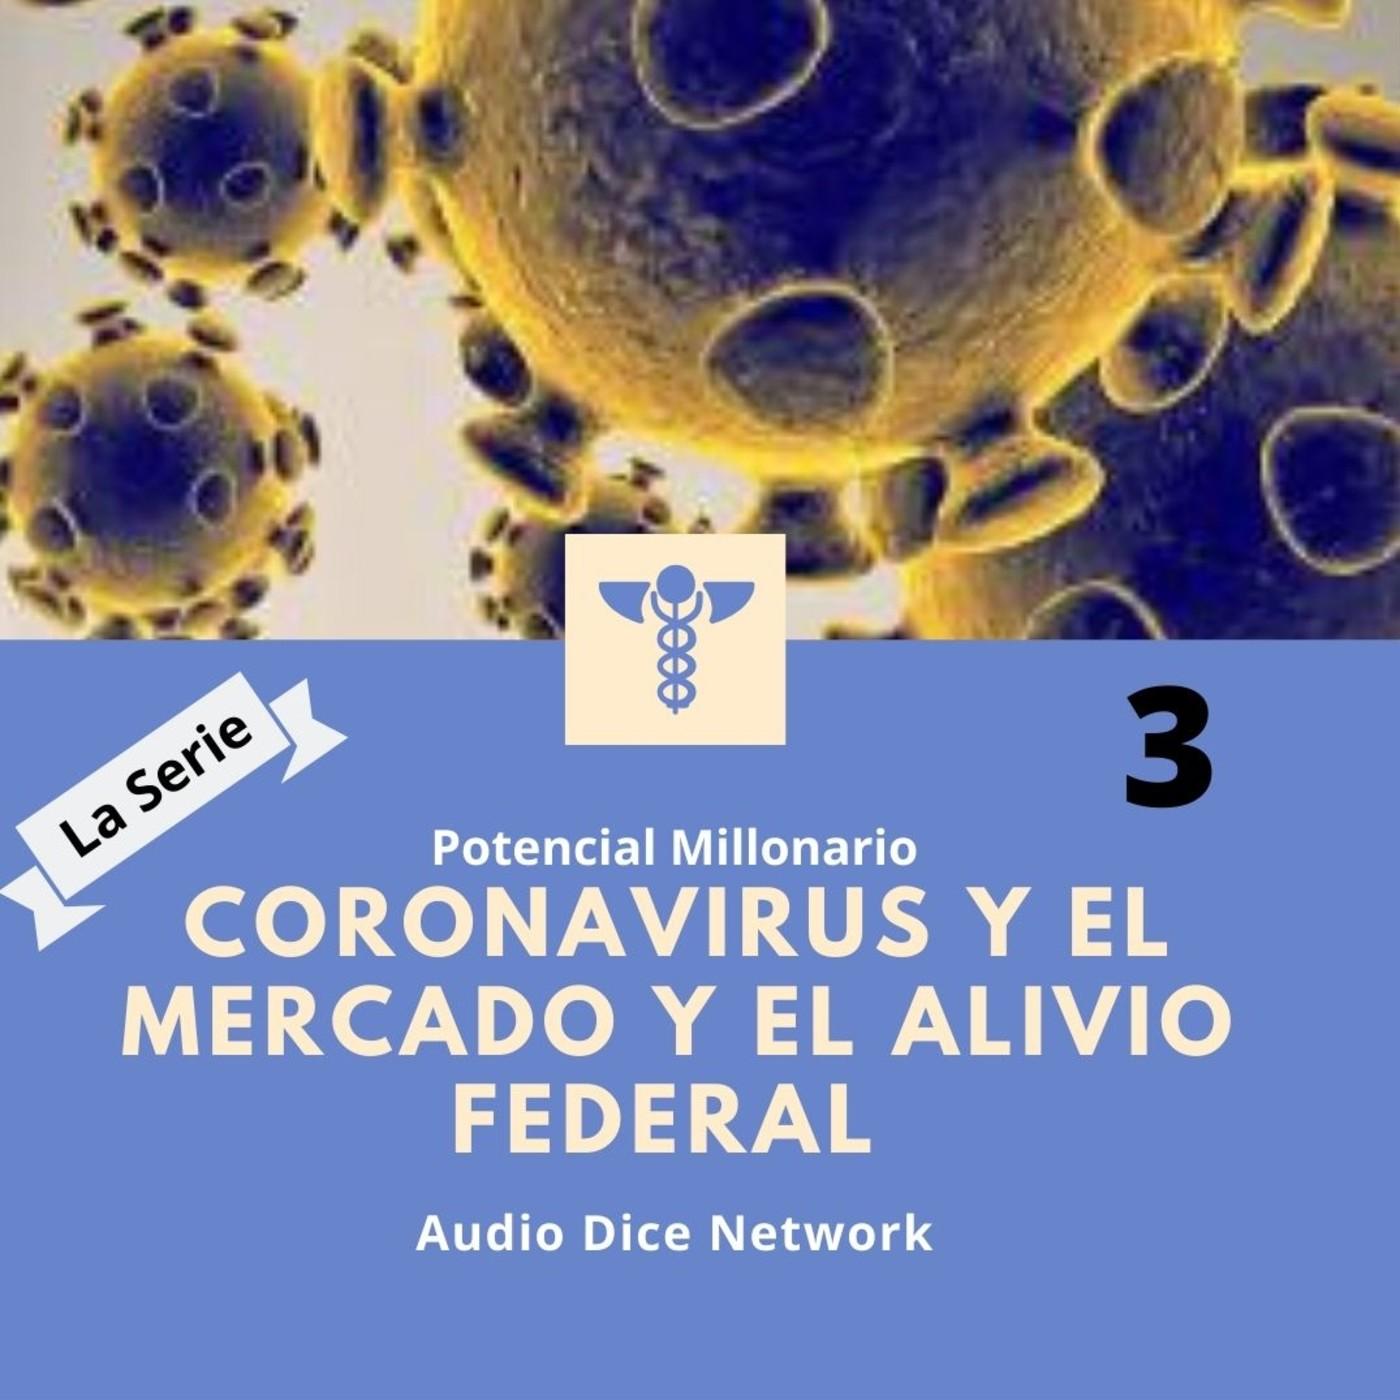 Coronavirus y el mercado y el alivio federal